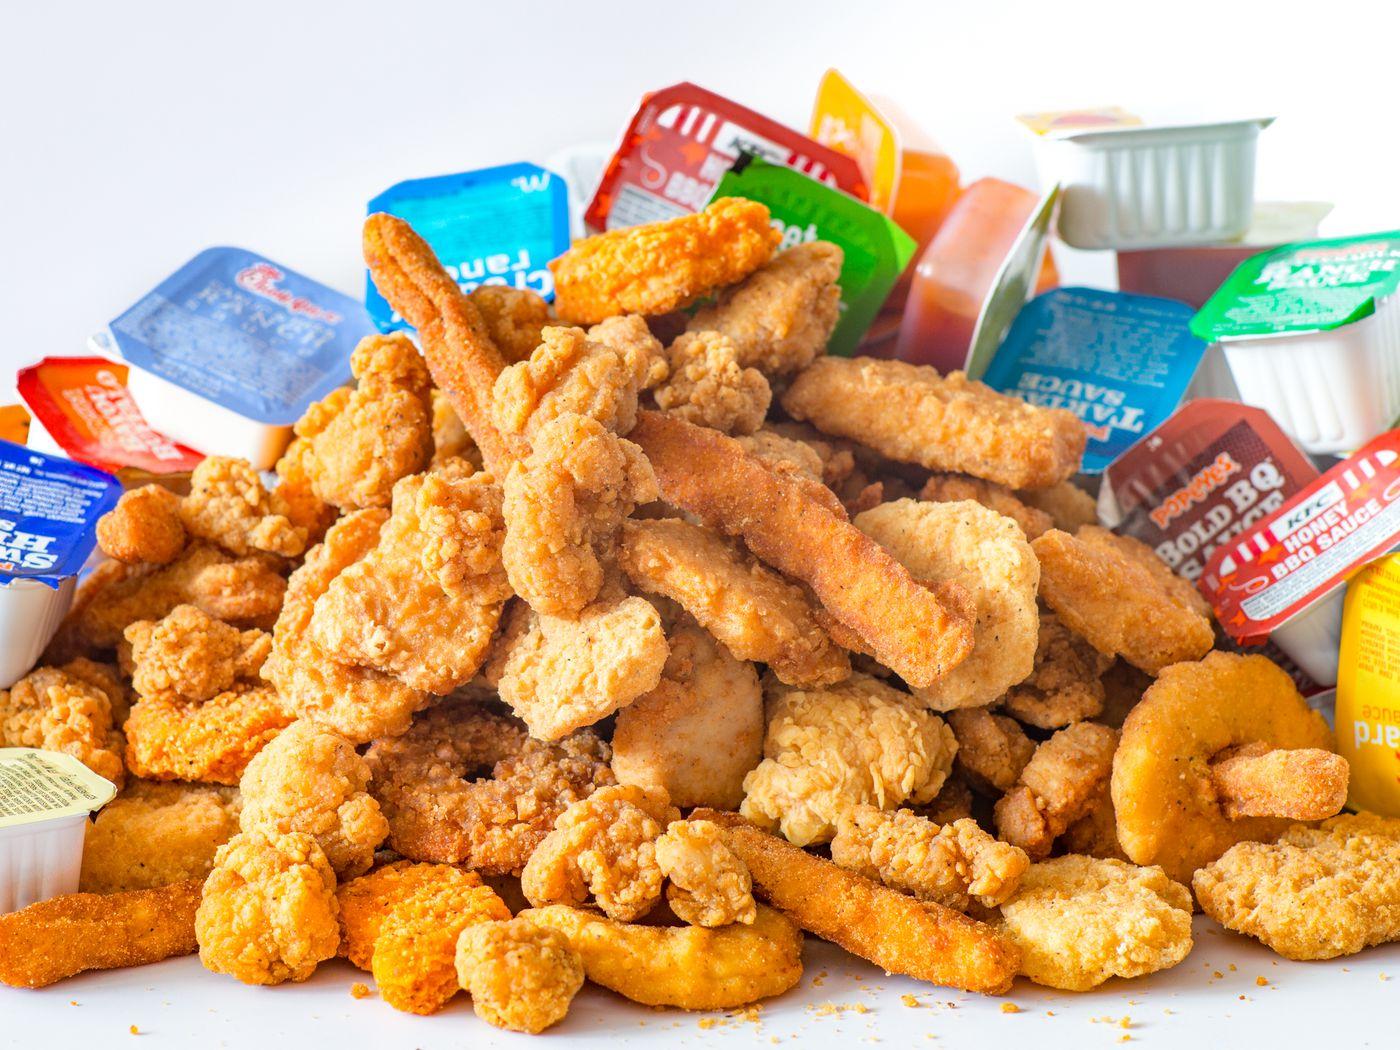 Wendy's Breakfast Menu Review: It's The Best Fast Food Breakfast